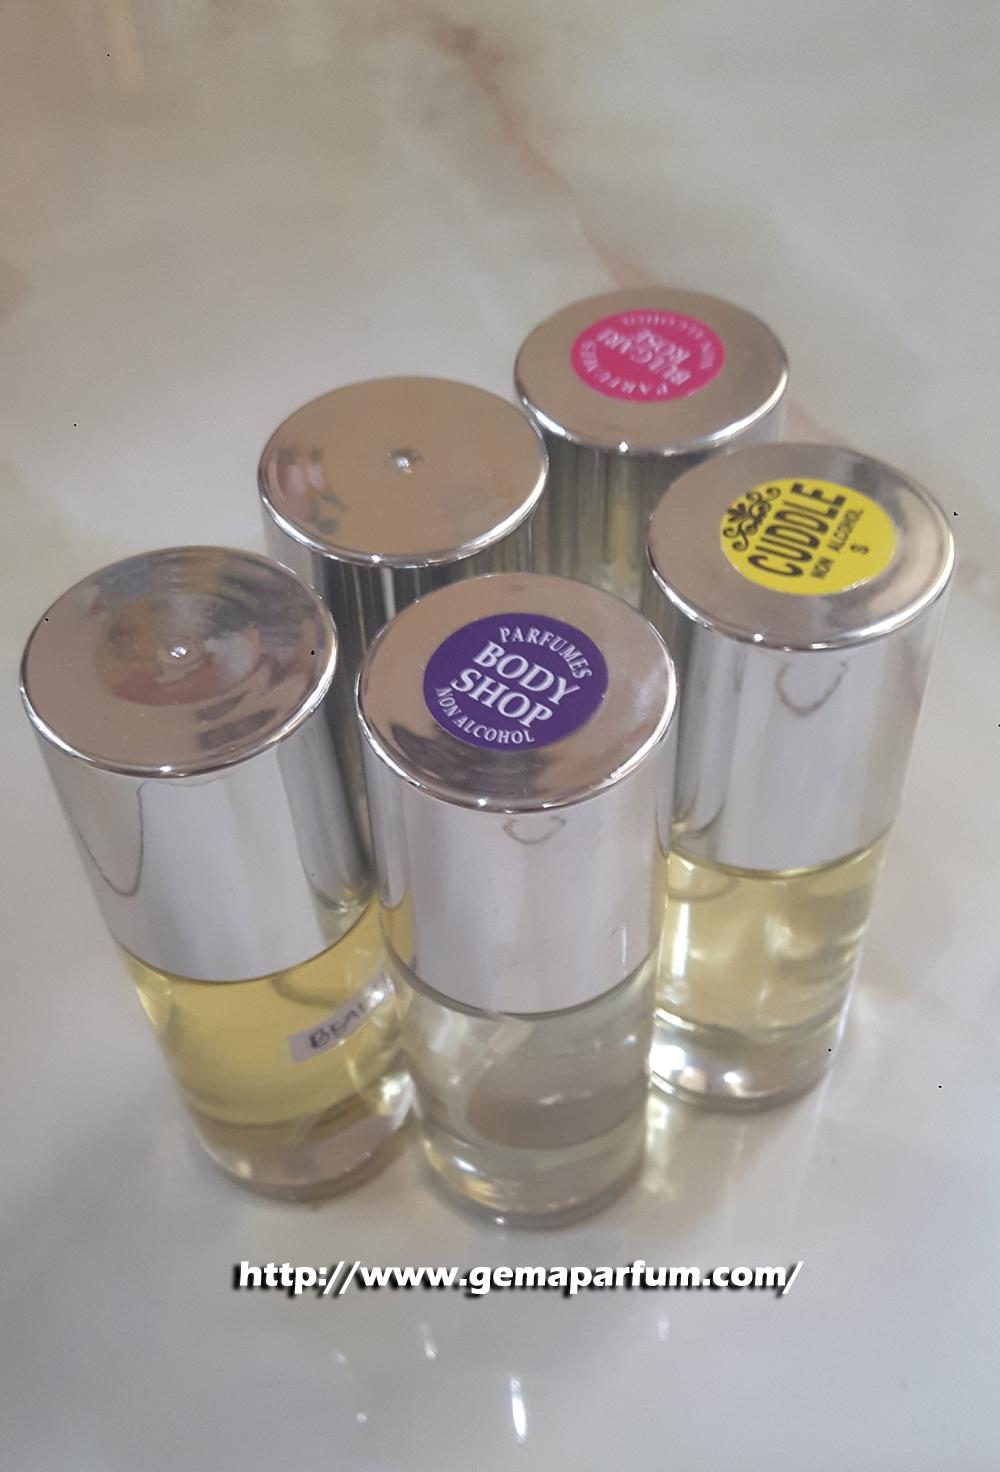 Pengiriman Parfum ke Bekasi